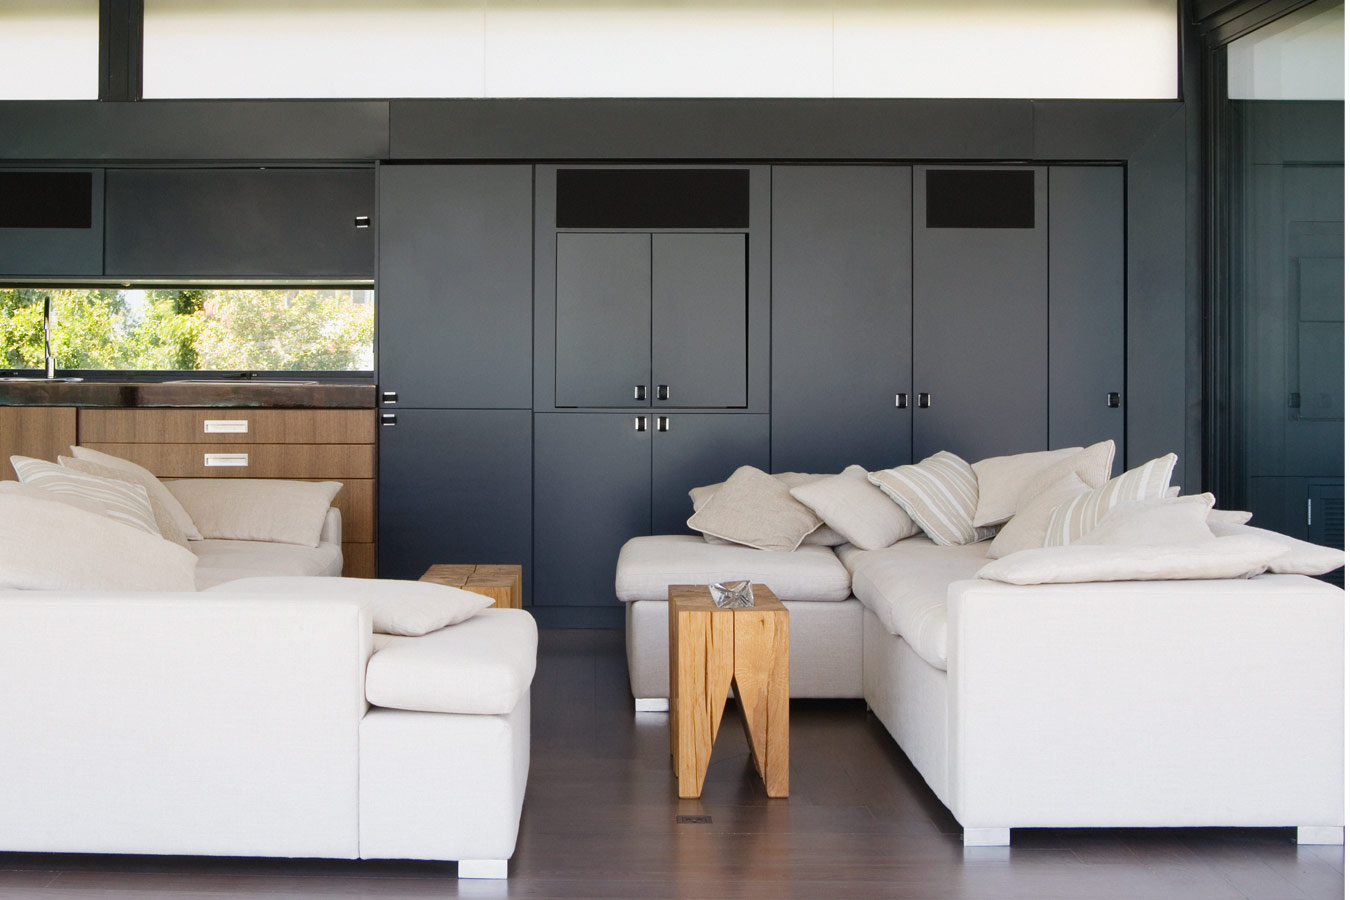 Ideeën voor een moderne woonkamer | Inspiratie